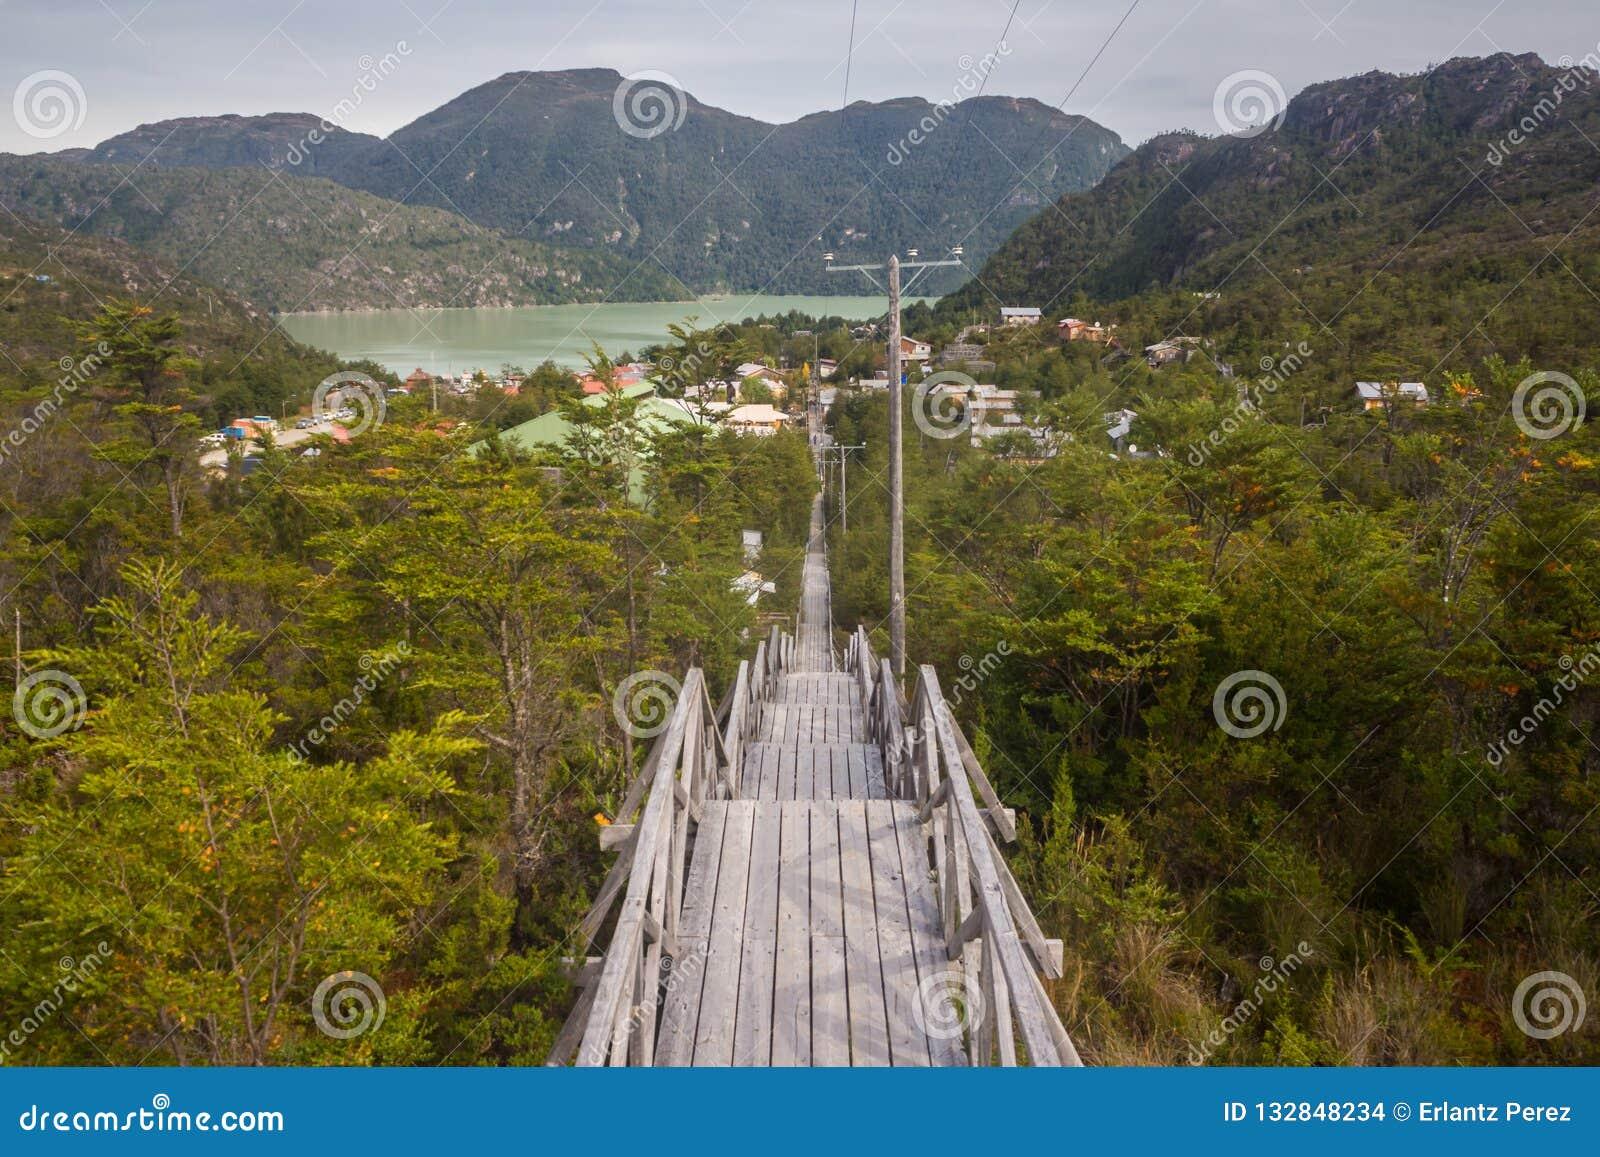 Trätrappa som leder till Caletaen Tortel, liten fiska villag